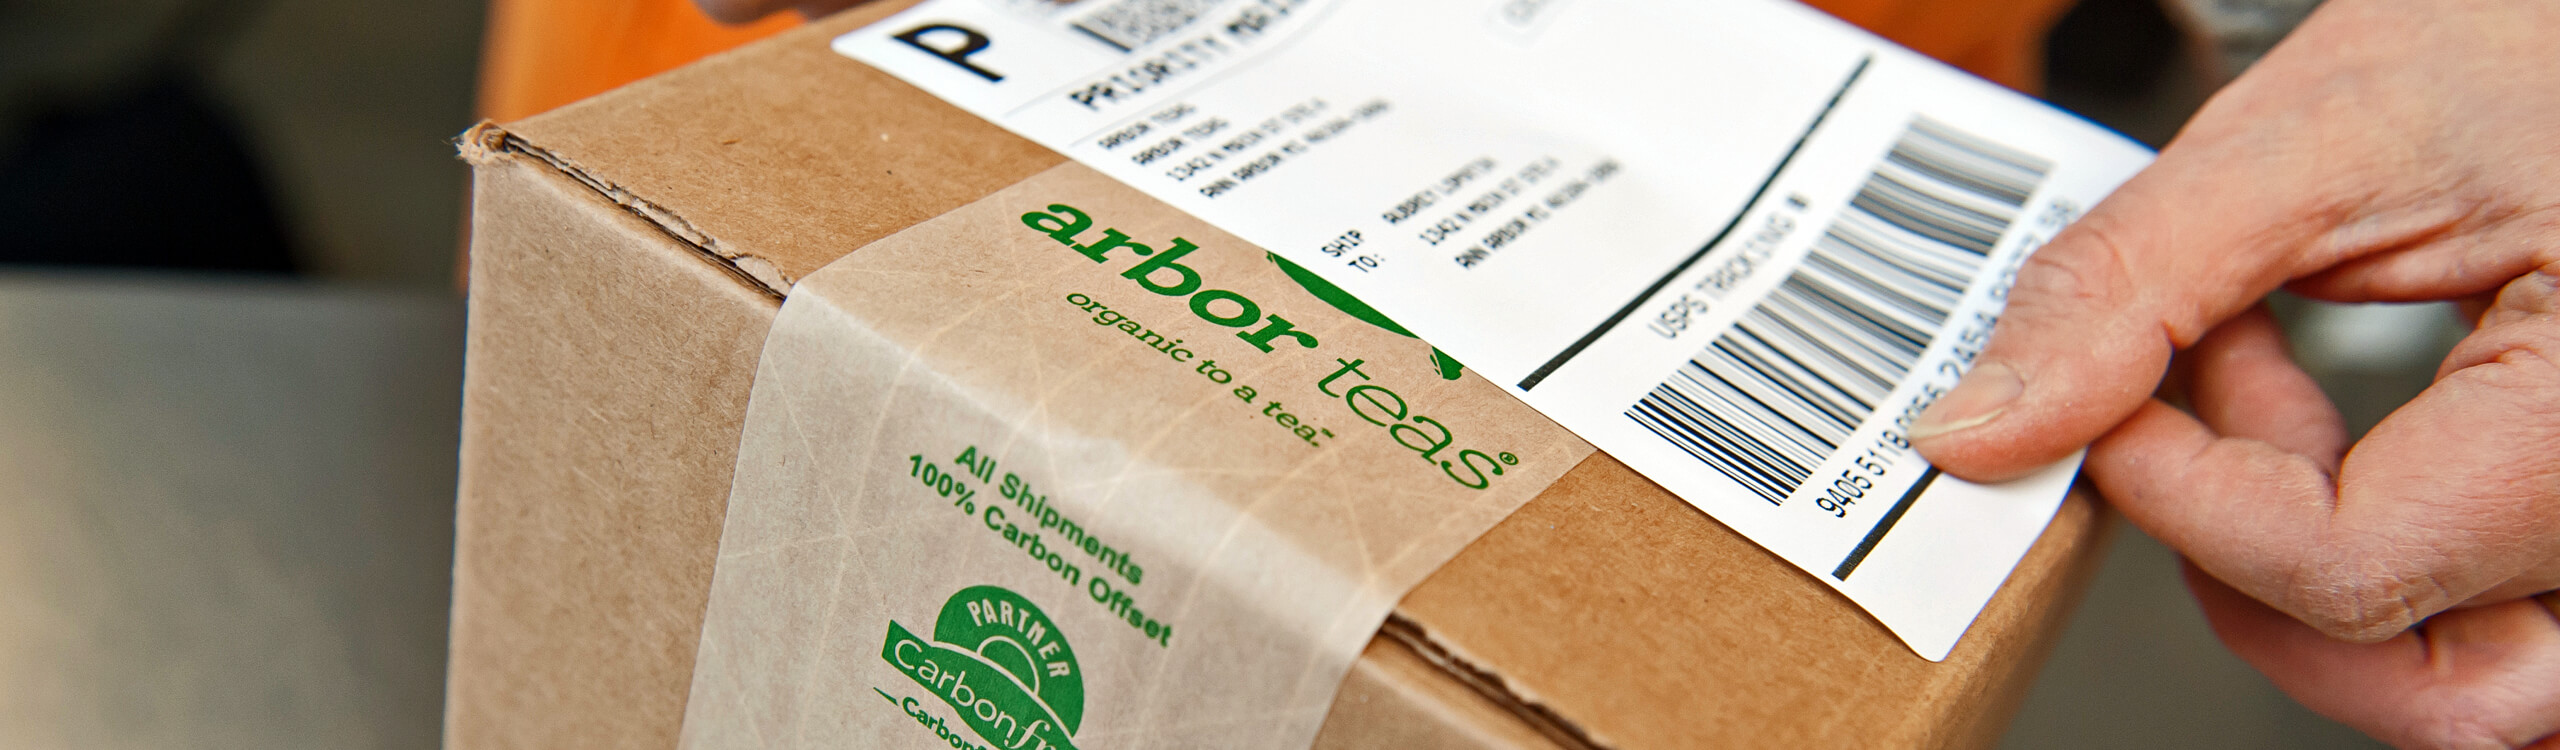 Arbor Teas Return Policy